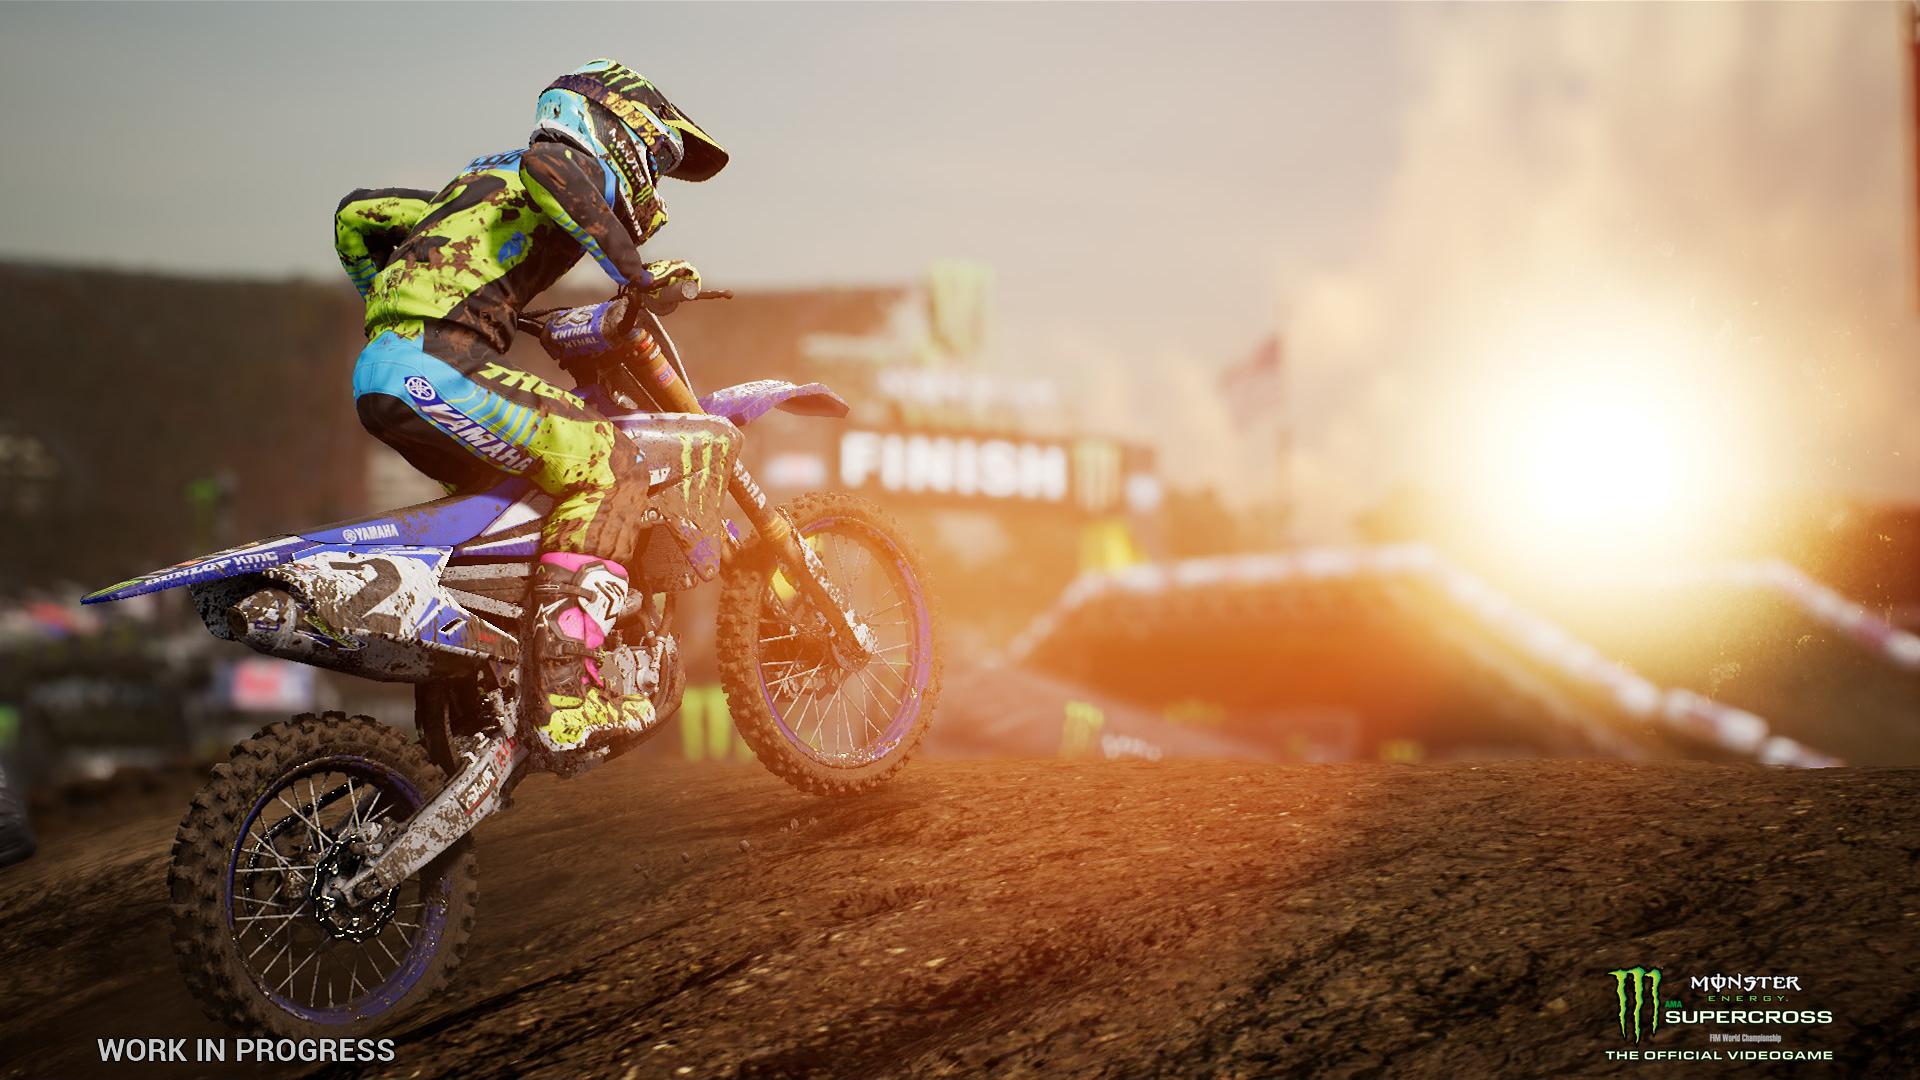 Milestone chystají motokrosové závody Monster Energy Supercross 151276